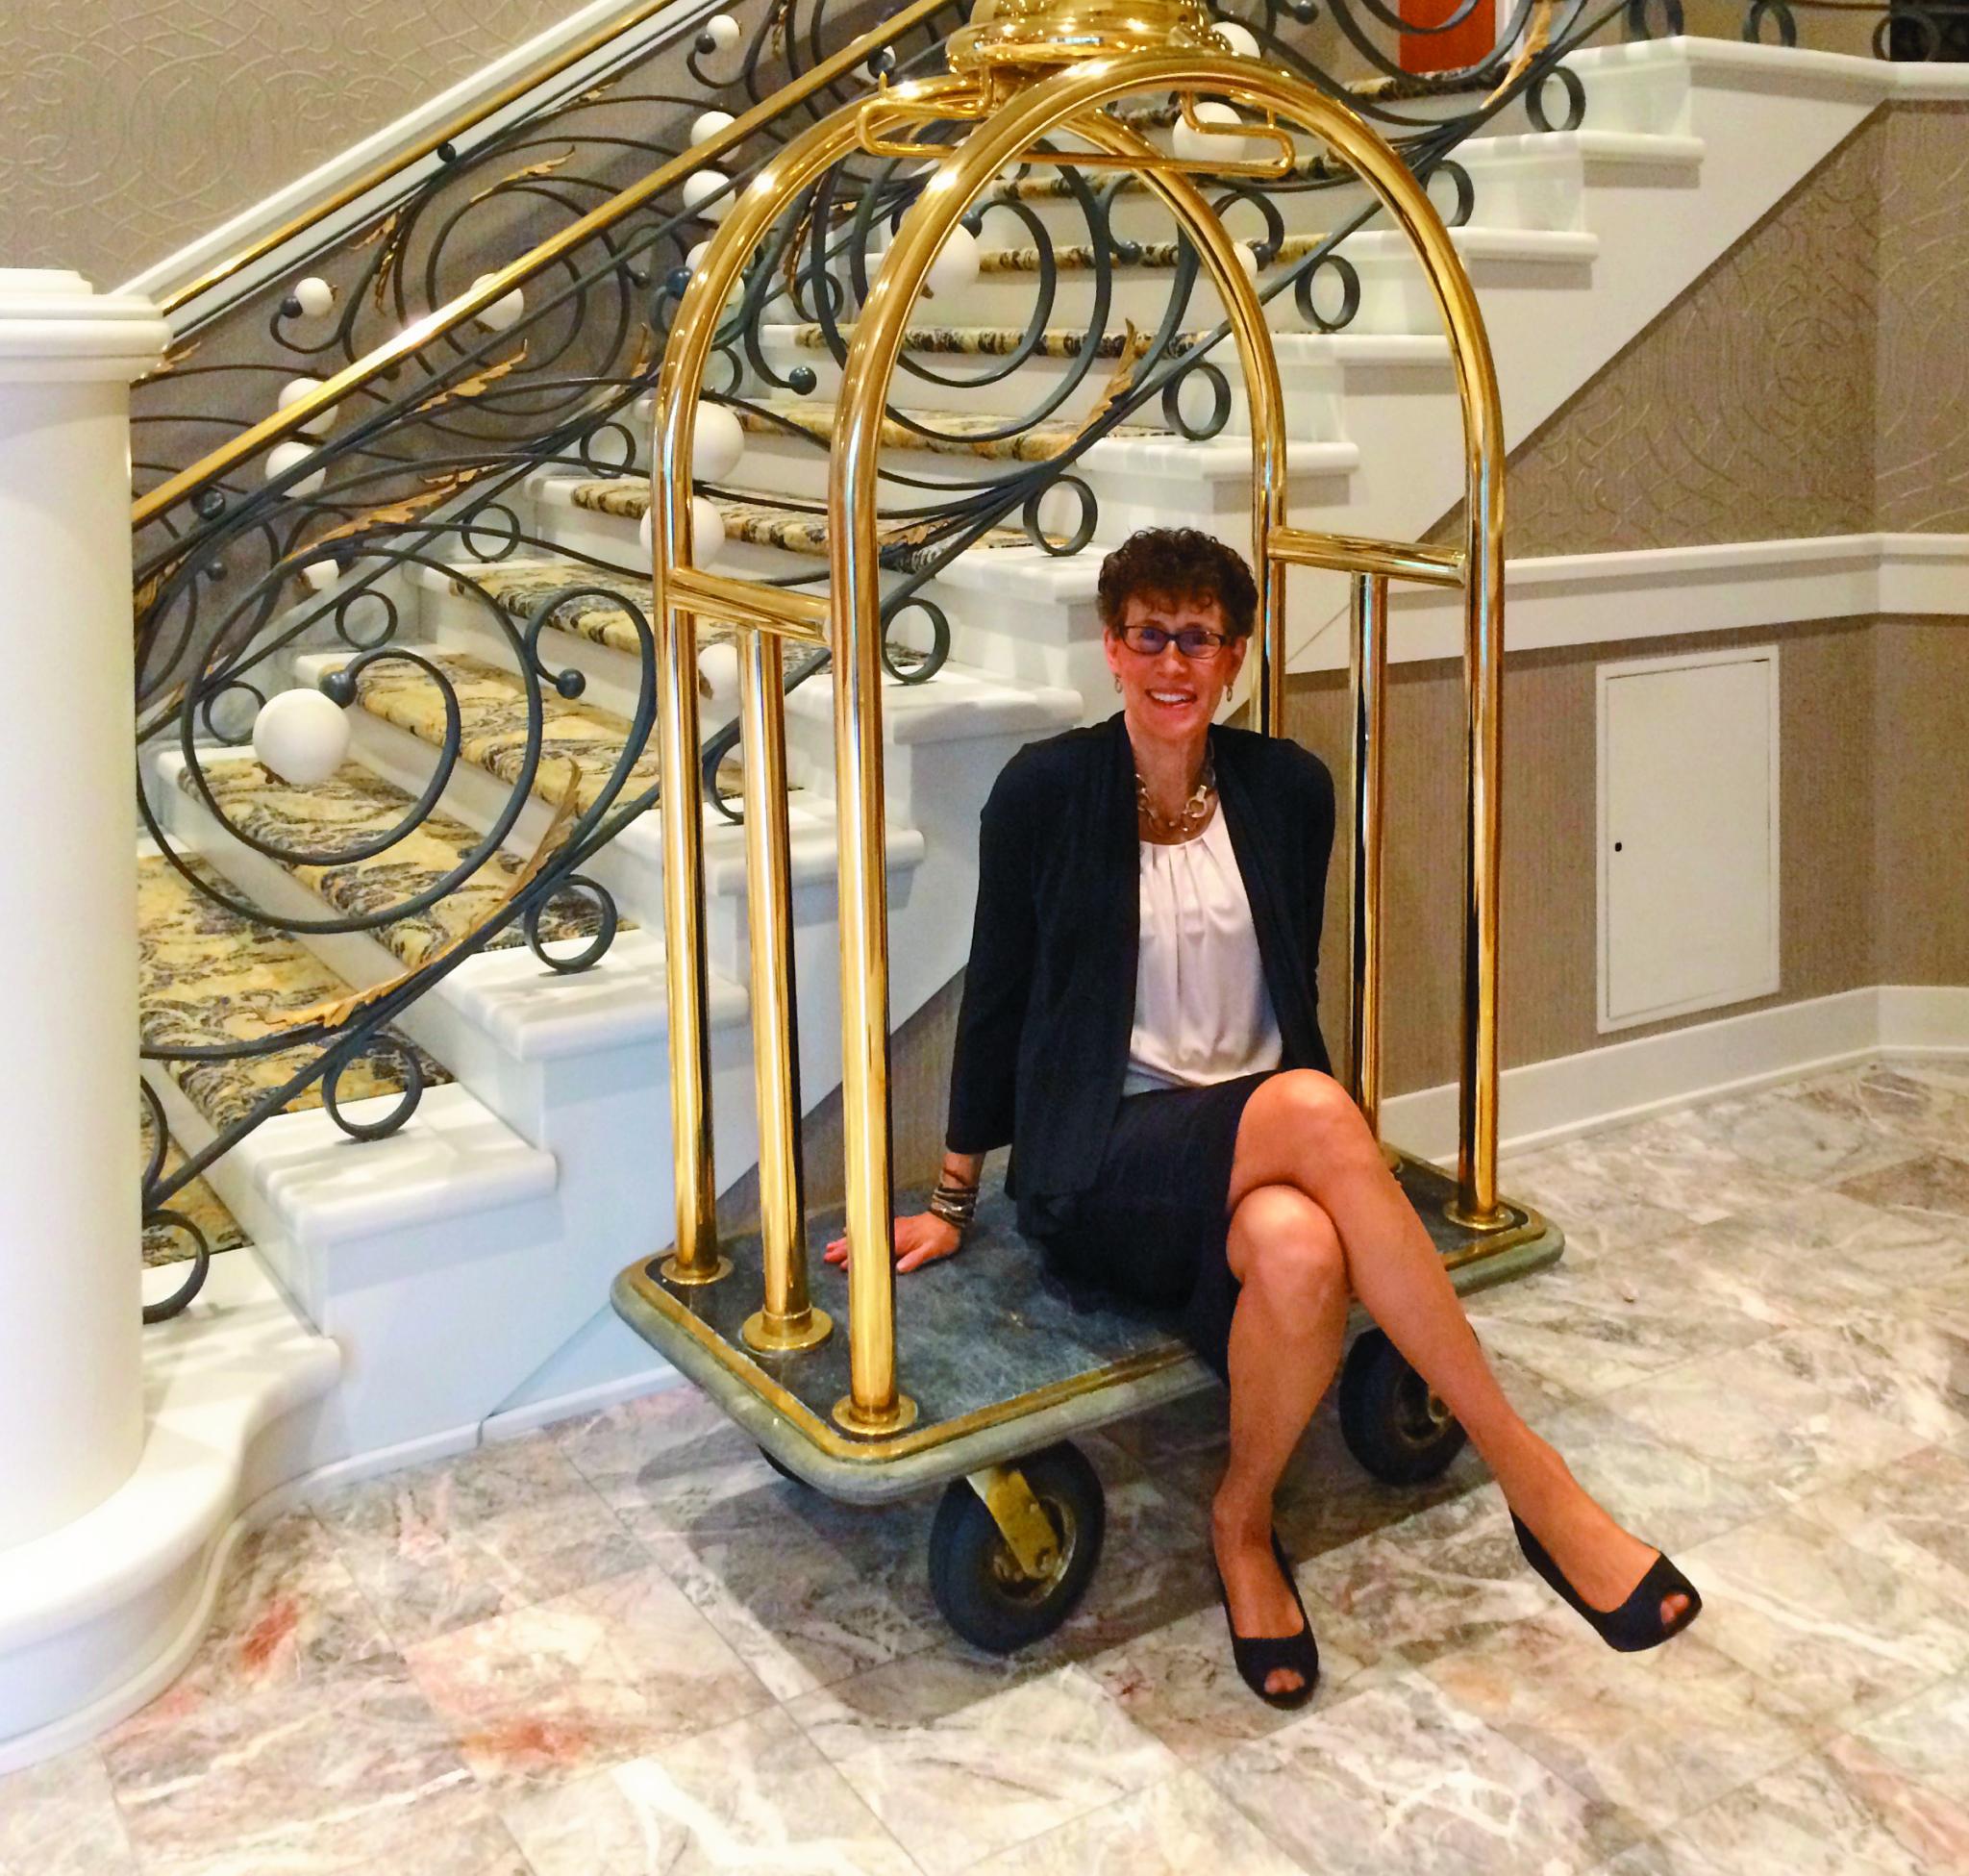 Karen Morris sitting on a hotel luggage cart